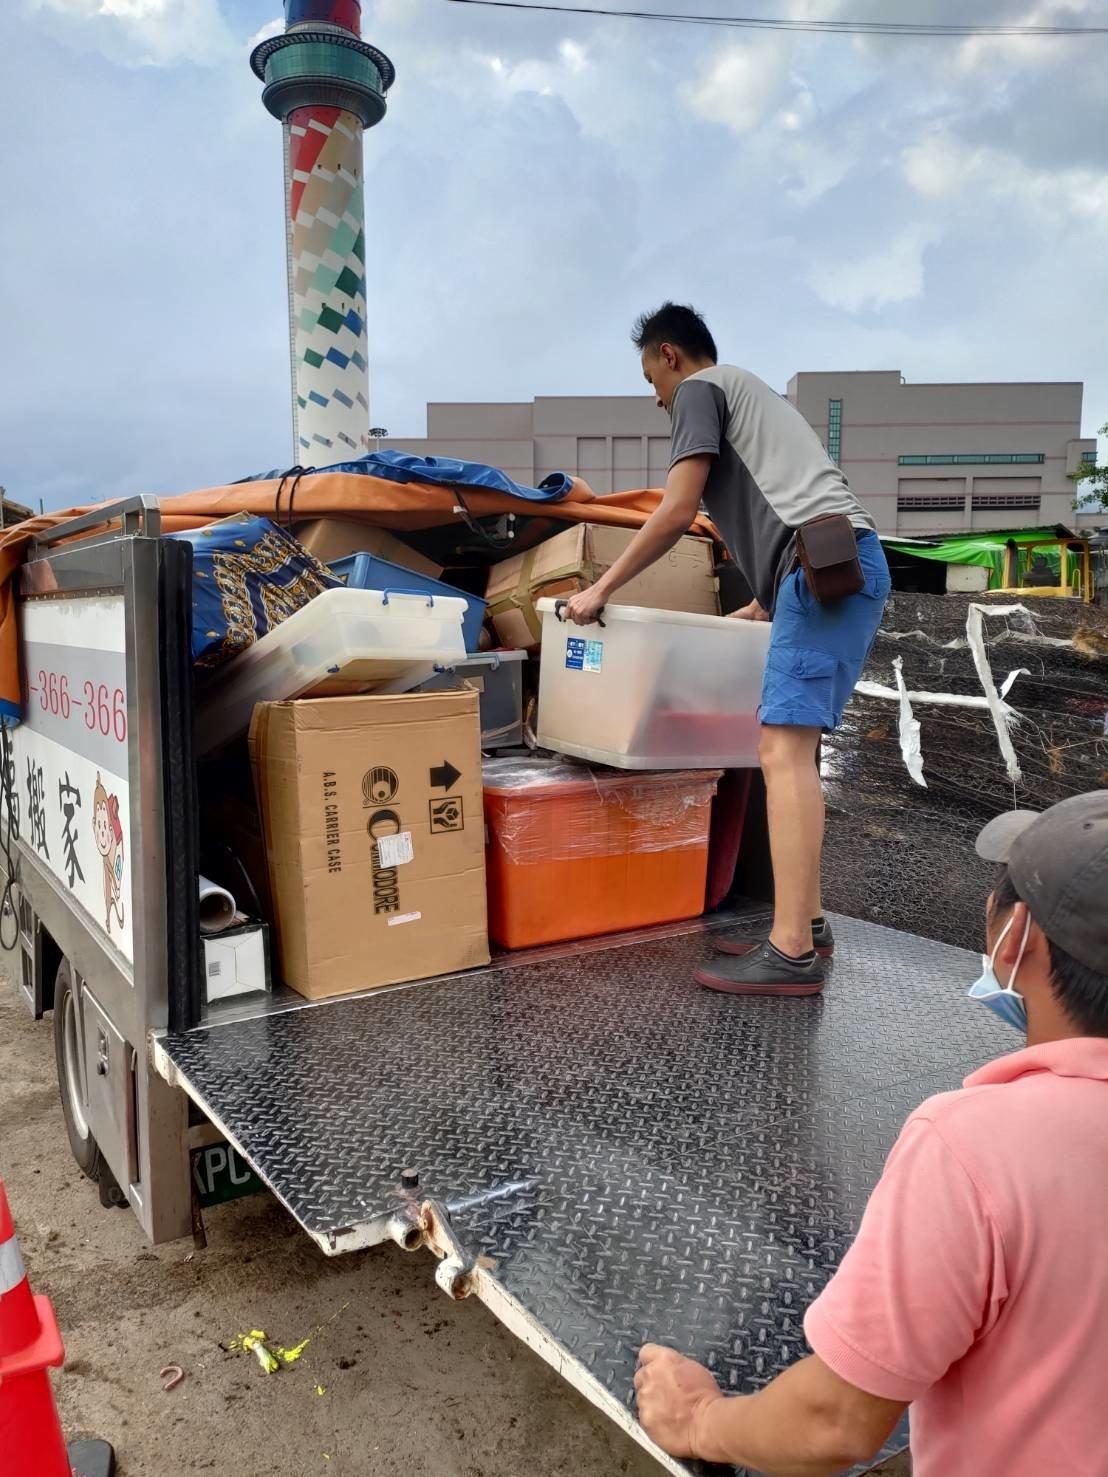 清垃圾、搬家首選、搬家公司推薦、新北搬家公司推薦【榮福搬家公司】南港搬家、桃園搬家公司推薦、台北搬家公司推薦、廢棄家具處理、不要的家具怎麼辦、廢棄家具清運、搬垃圾處理、家庭廢棄物清運、廢棄物處理、搬運廢棄物、家具垃圾處理、大型家具清運、搬神明桌、台北市垃圾清運、垃圾清運價格、家庭垃圾清運、清運、搬家具、冰箱搬運、搬洗衣機、基隆搬家、搬家電、床墊搬運、搬衣櫃、搬大型家具、搬公司行號、家庭搬家、整屋清空、搬鋼琴、搬工計時、人工搬運、搬運、搬家紙箱,針對顧客都秉持以用心實在專業搬家技巧,搬家實在用心值得您的信賴與選擇。歡迎來電咨詢02-2651-2727,榮福搬家有專員立即為您服務。